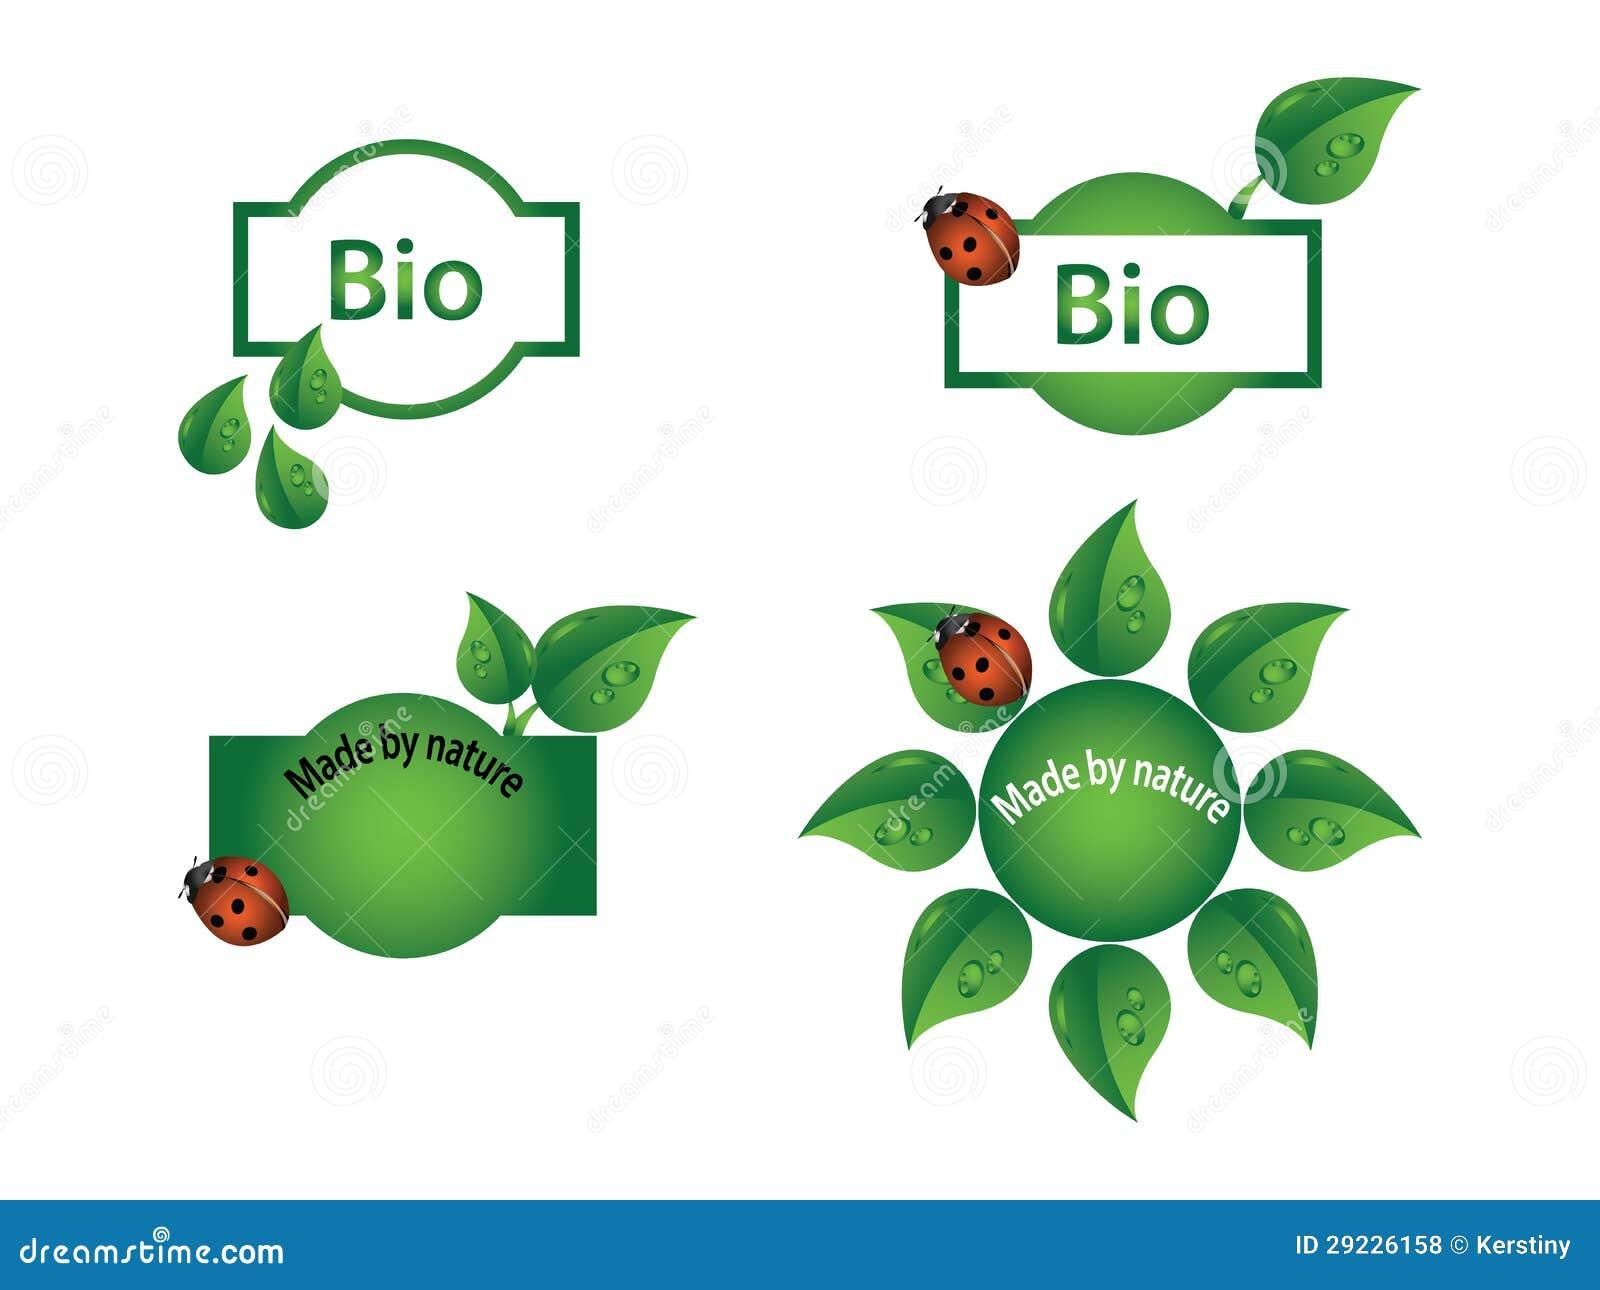 Download Bio etiquetas foto de stock. Imagem de venda, imagem - 29226158